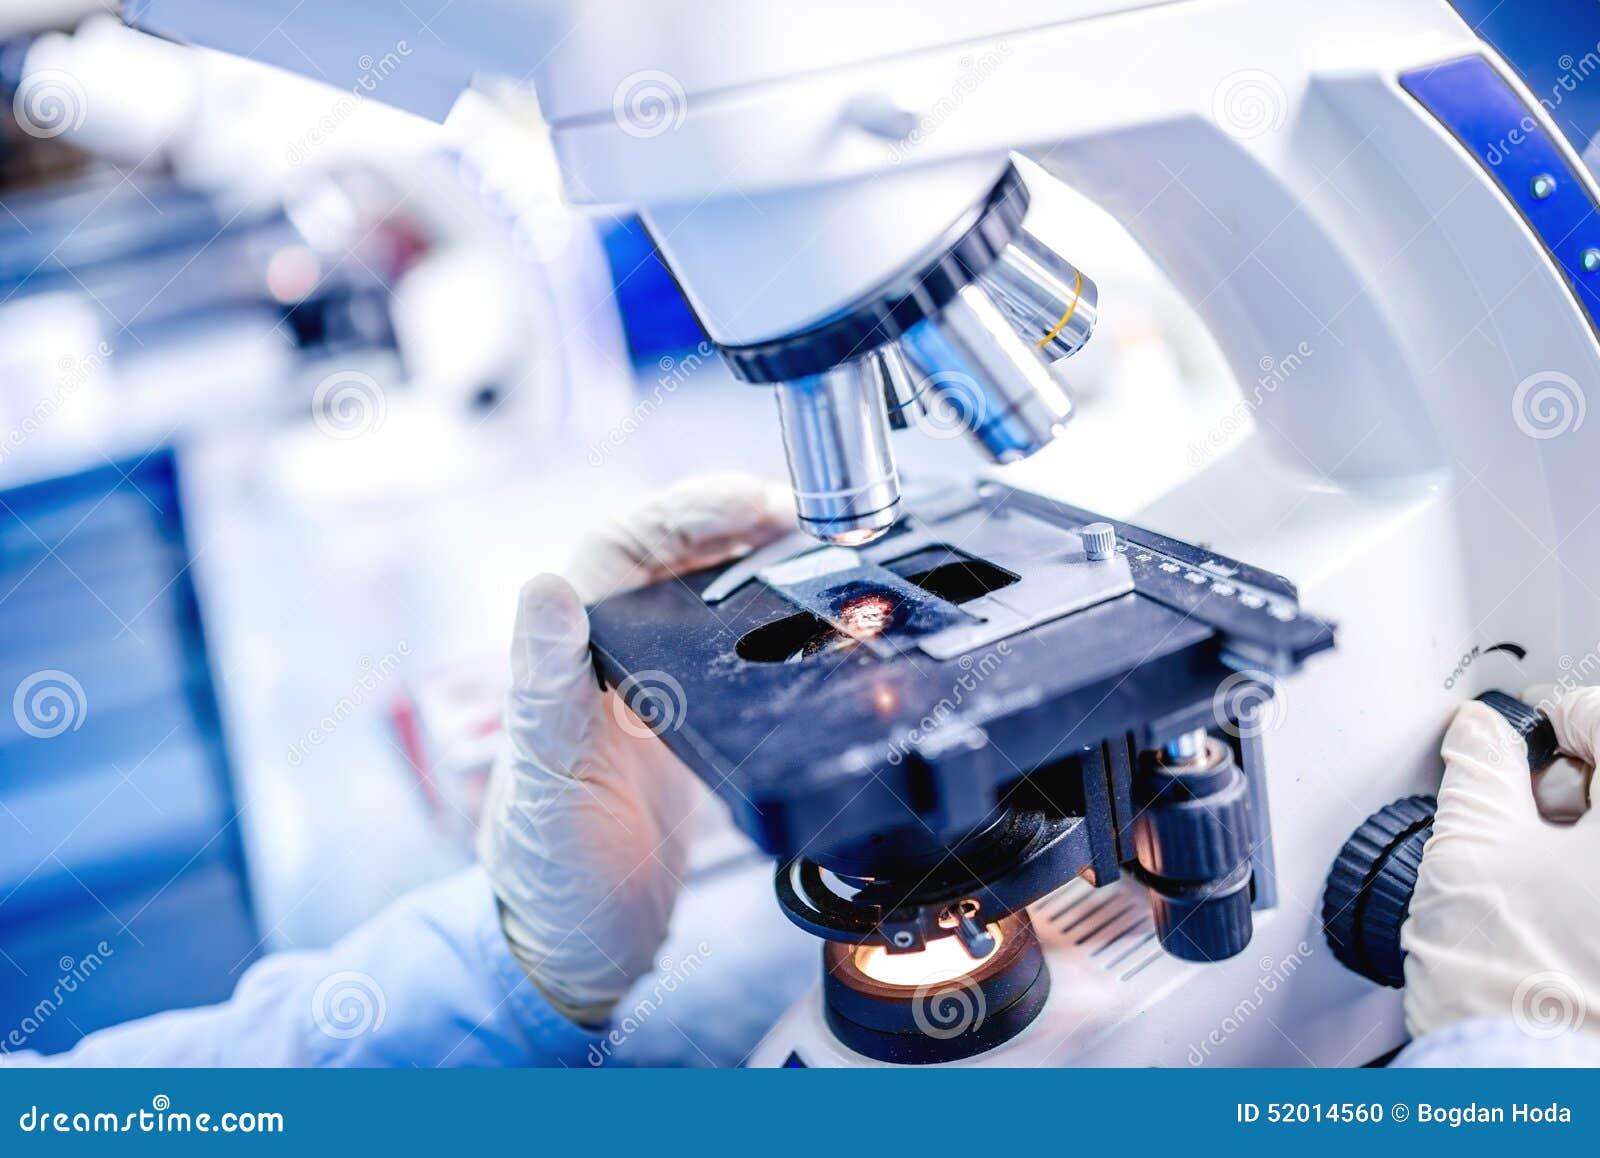 Los detalles del laboratorio médico, manos del científico usando el microscopio para la química prueban muestras